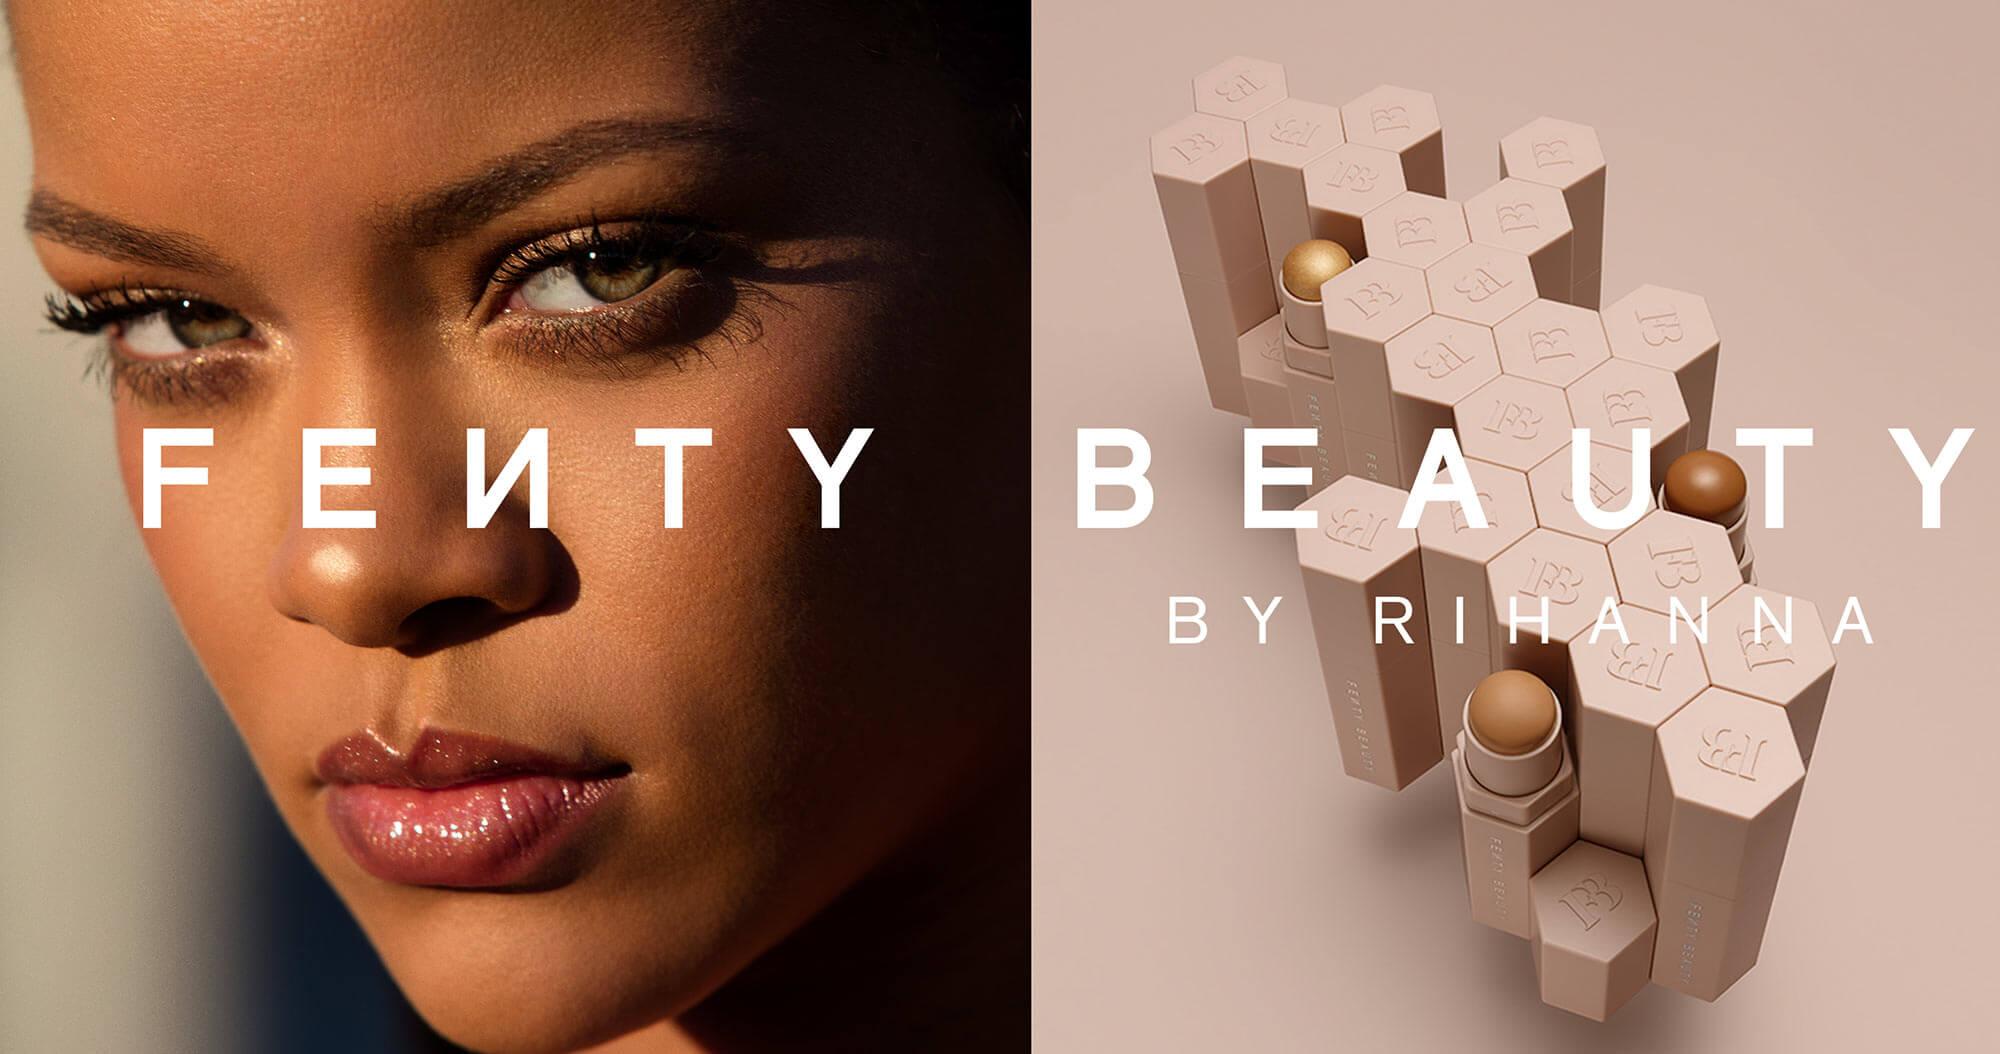 Fenty Beauty by Rihanna Campaign